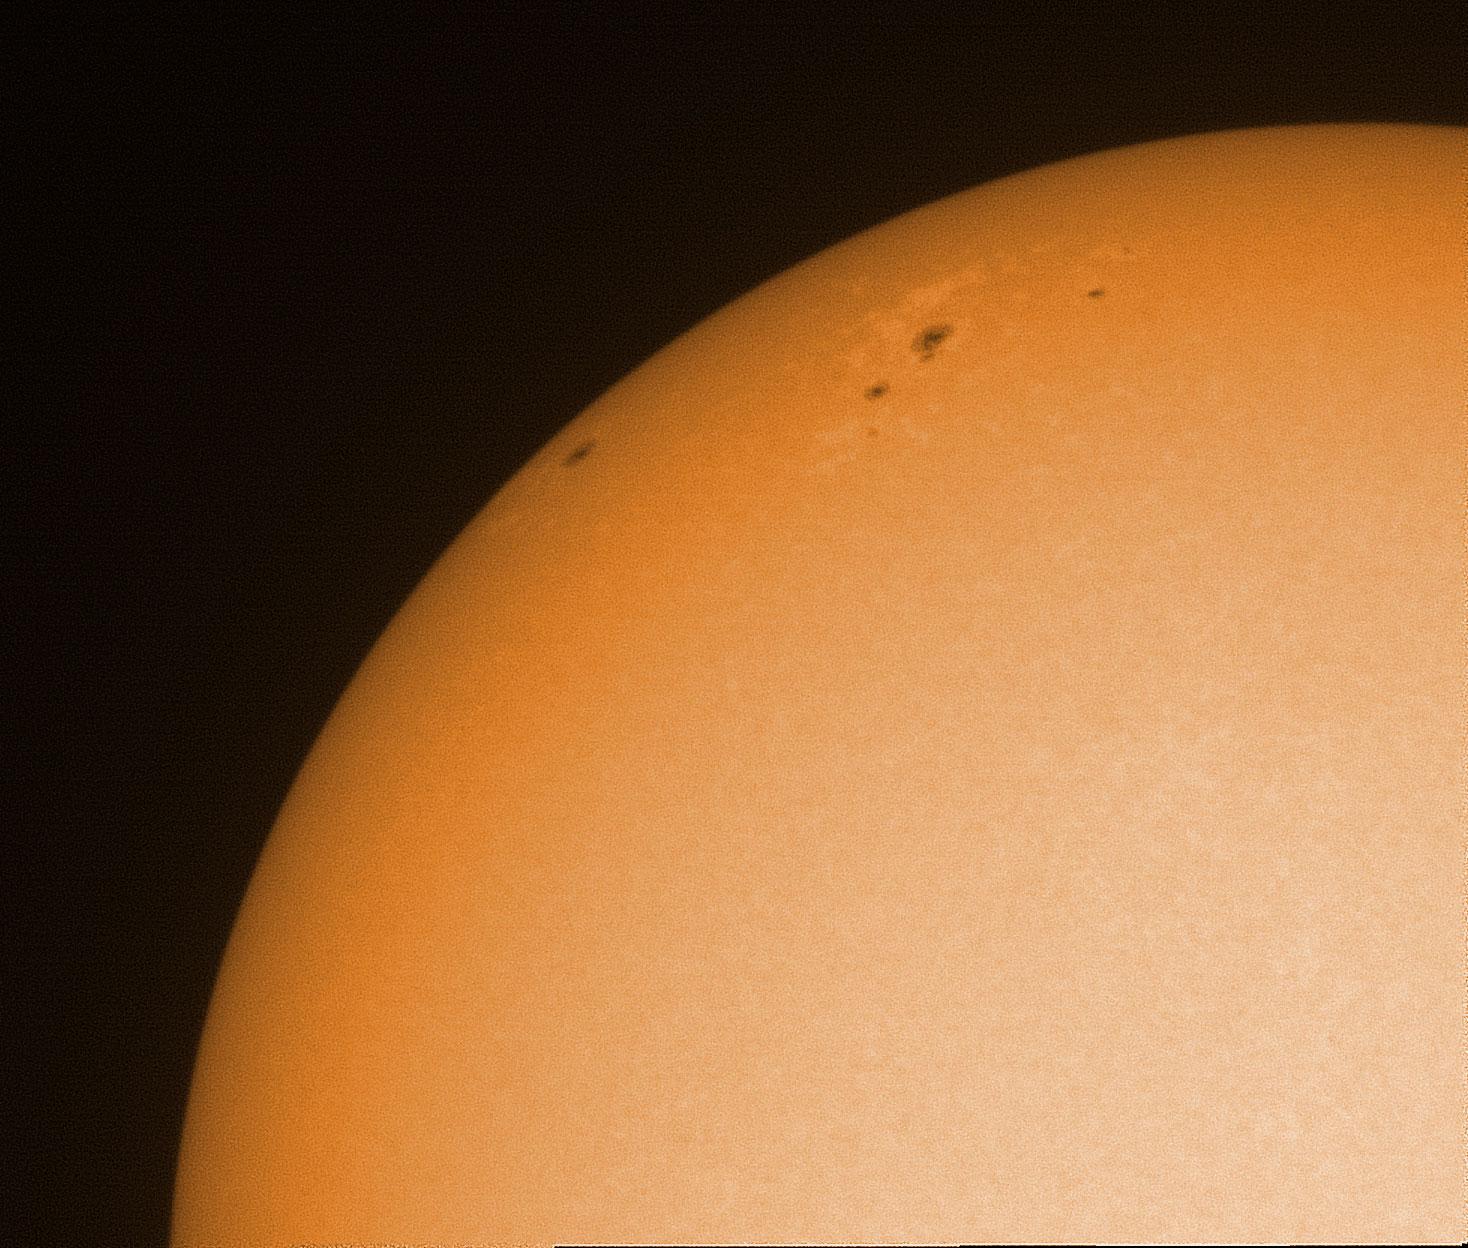 Sun_122658_g4_ap117_Drizzle15_conv